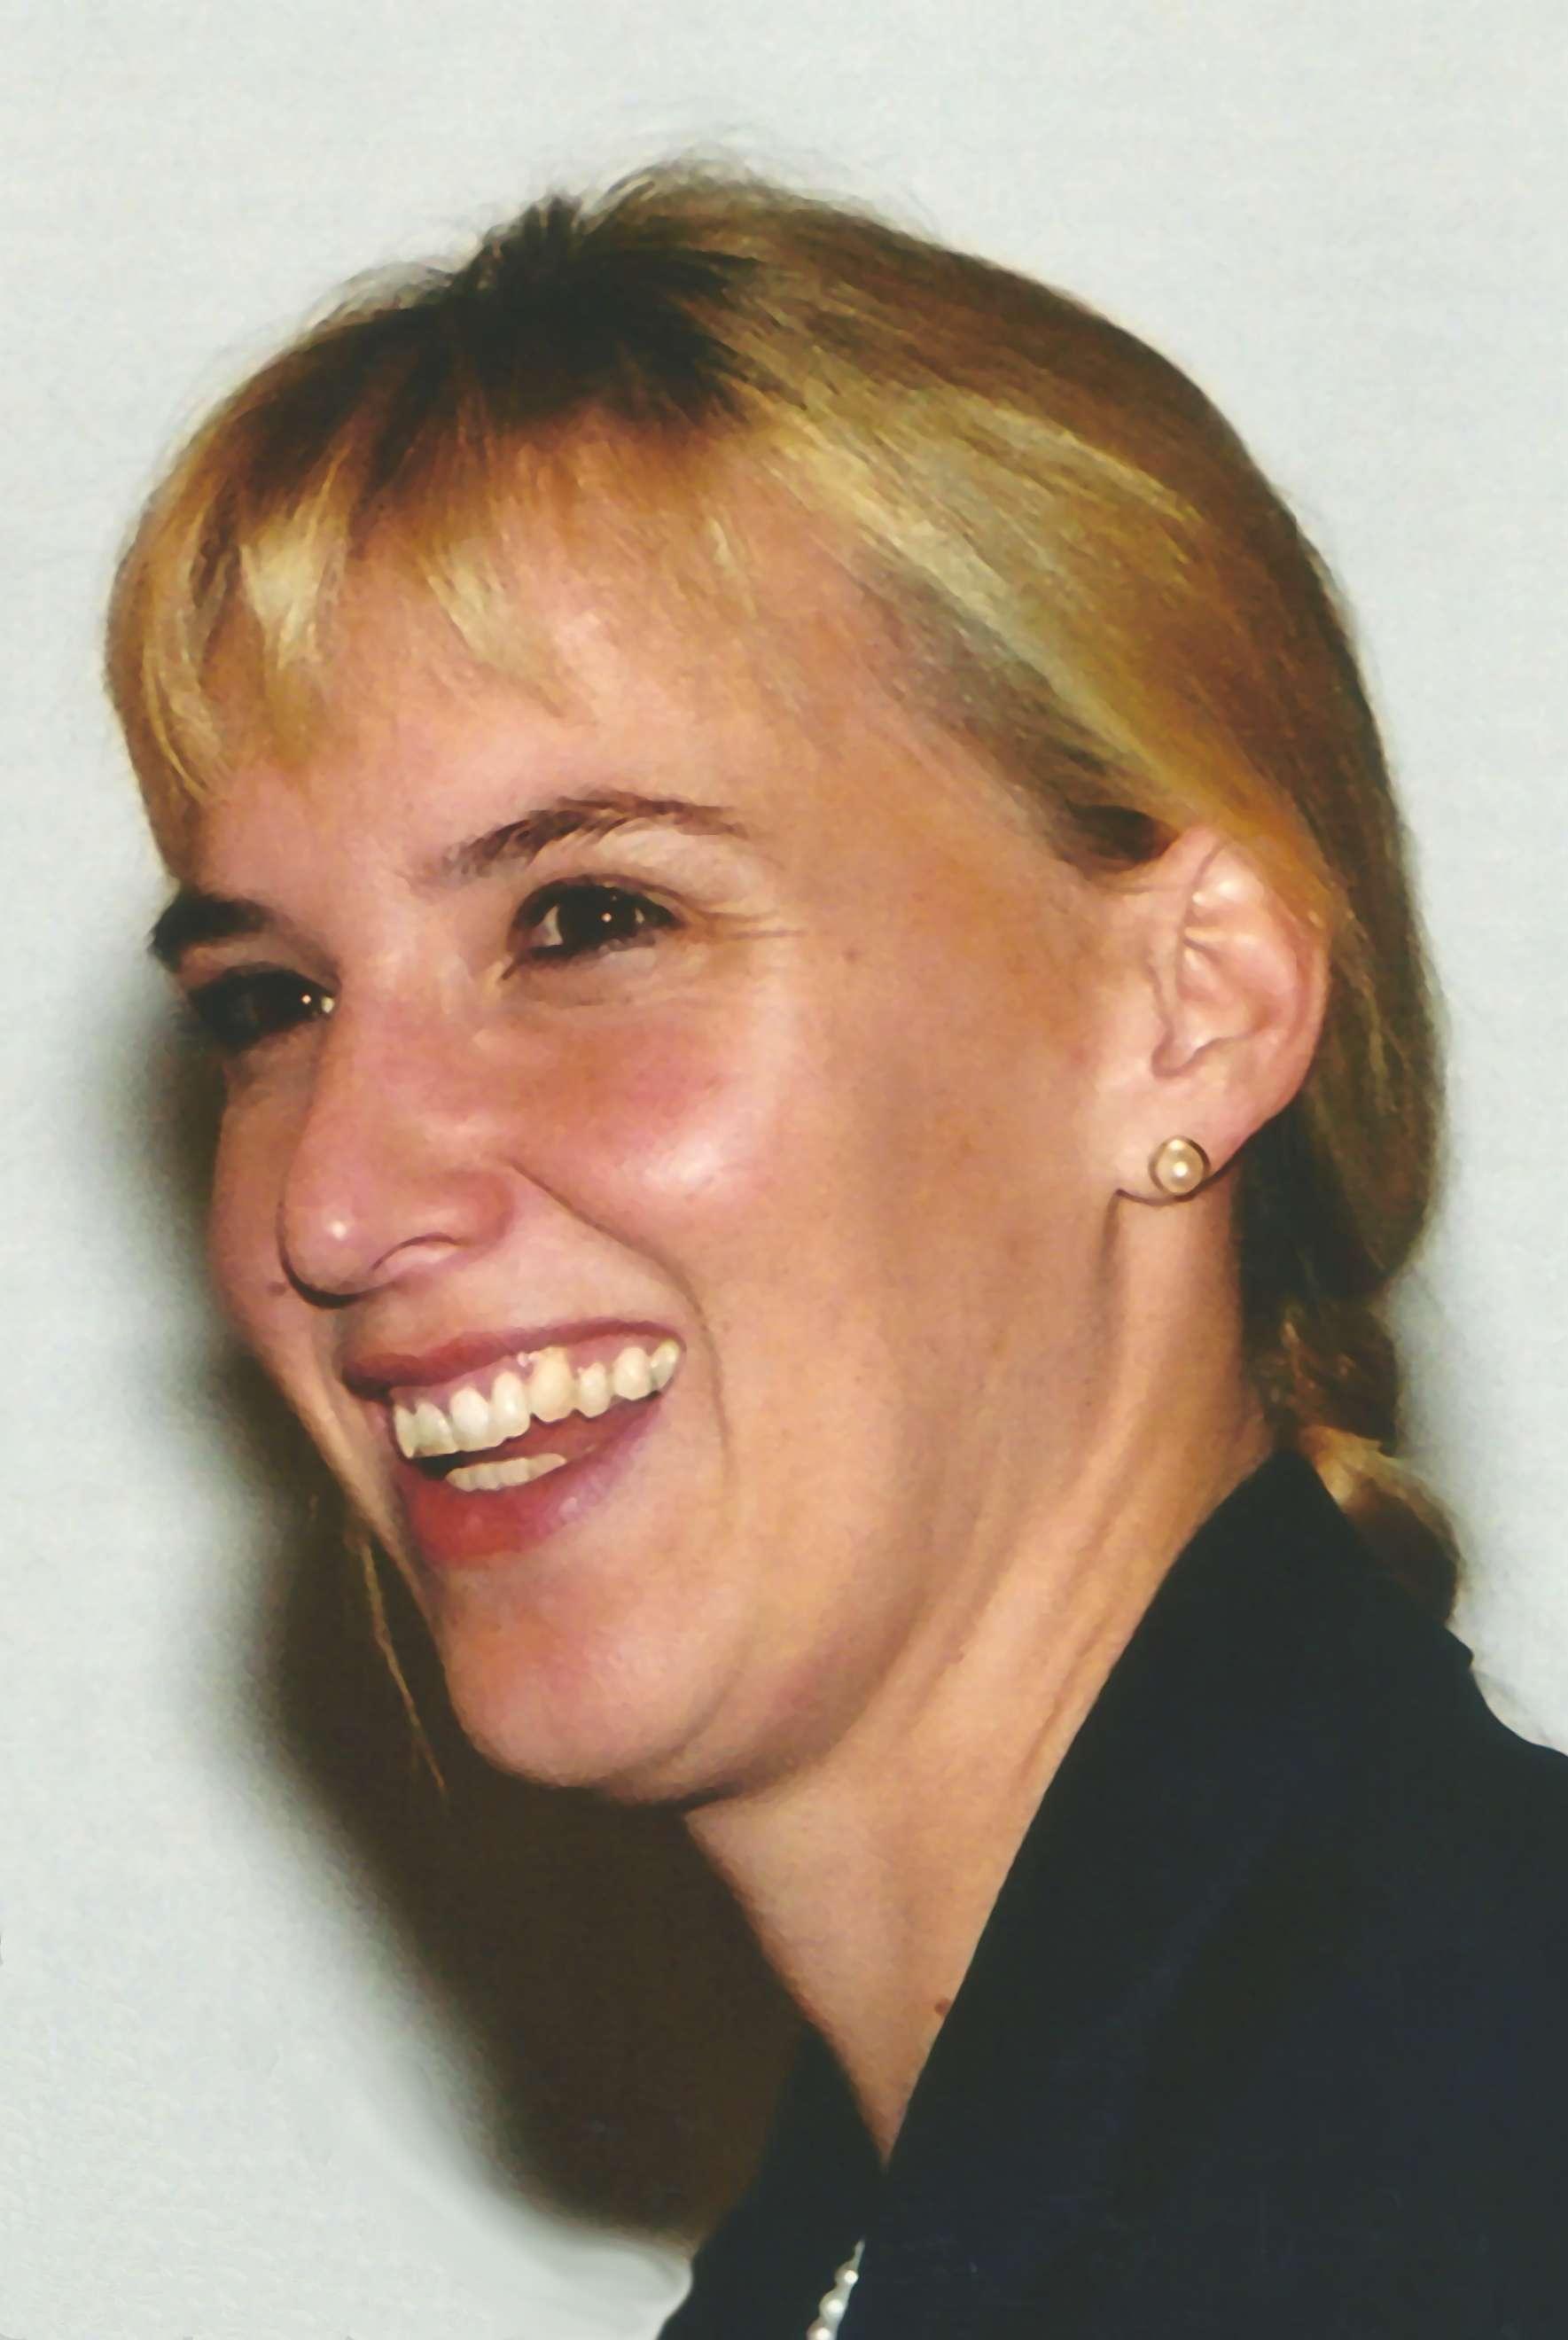 Neurorehabilitation mit Susanne Wopfner